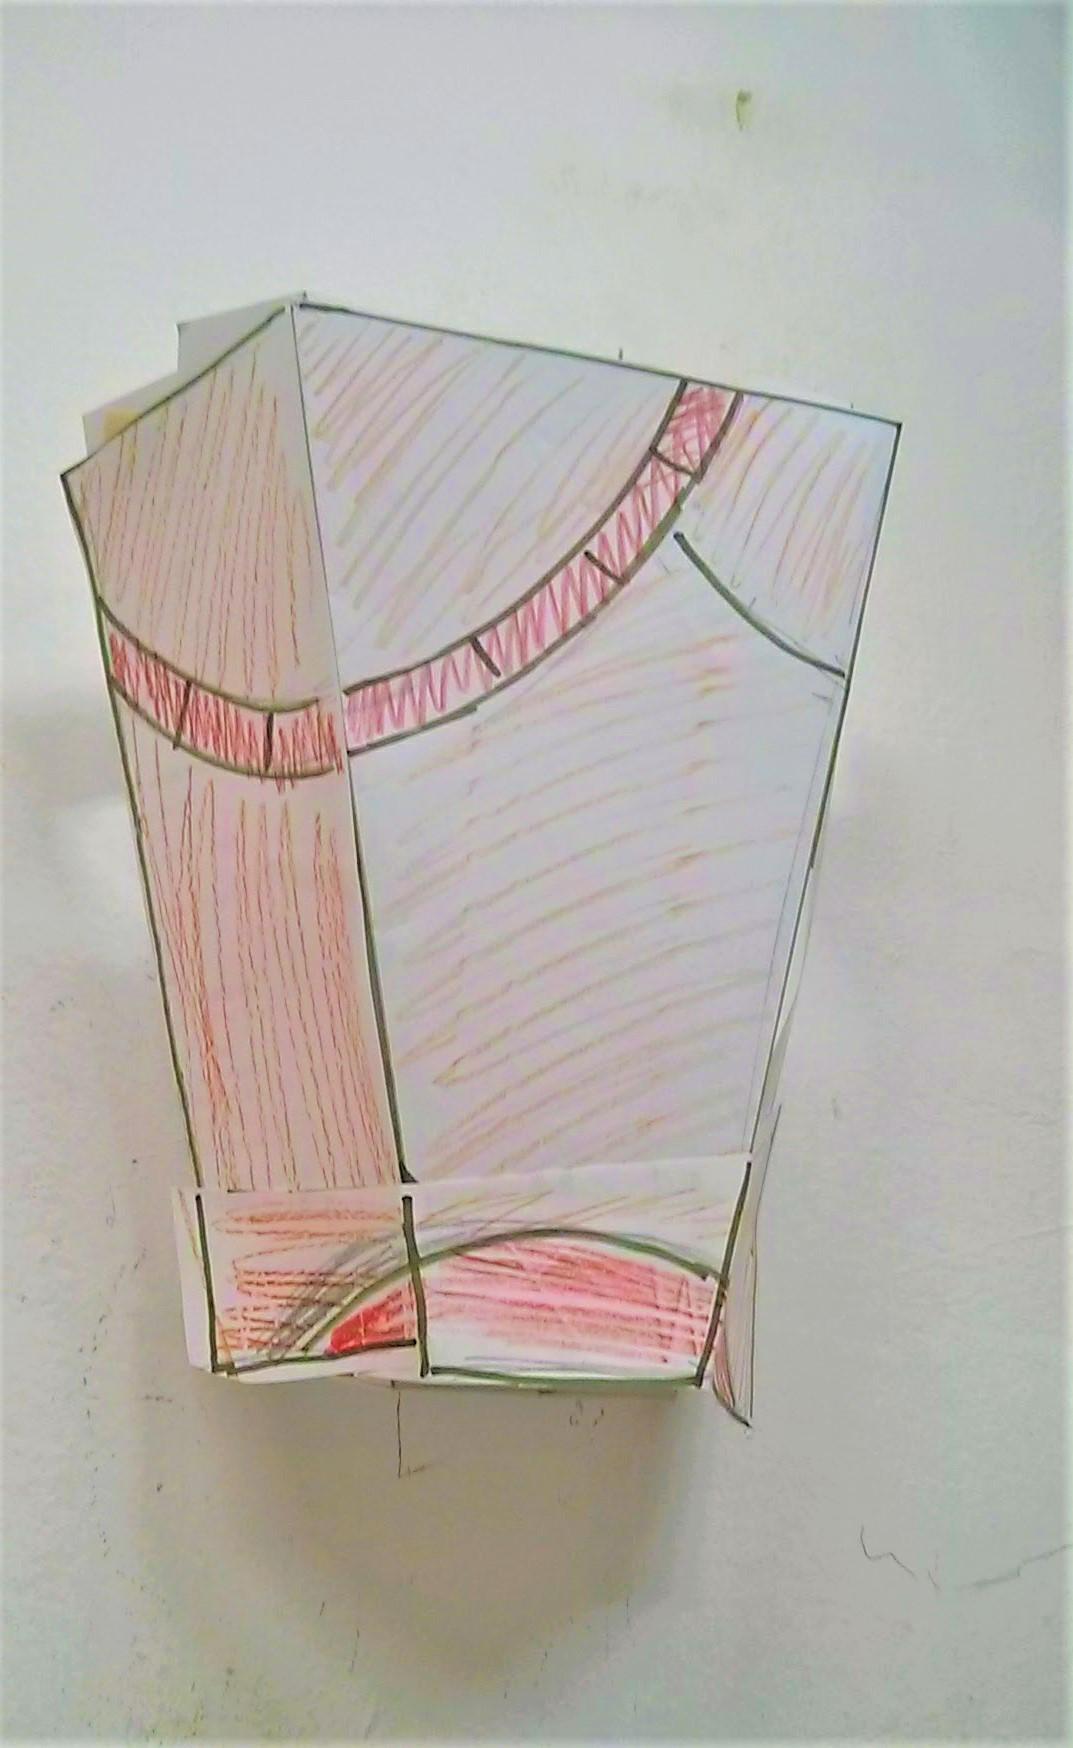 מודל למנורת קיר טיפאני עיגול גאומטרי